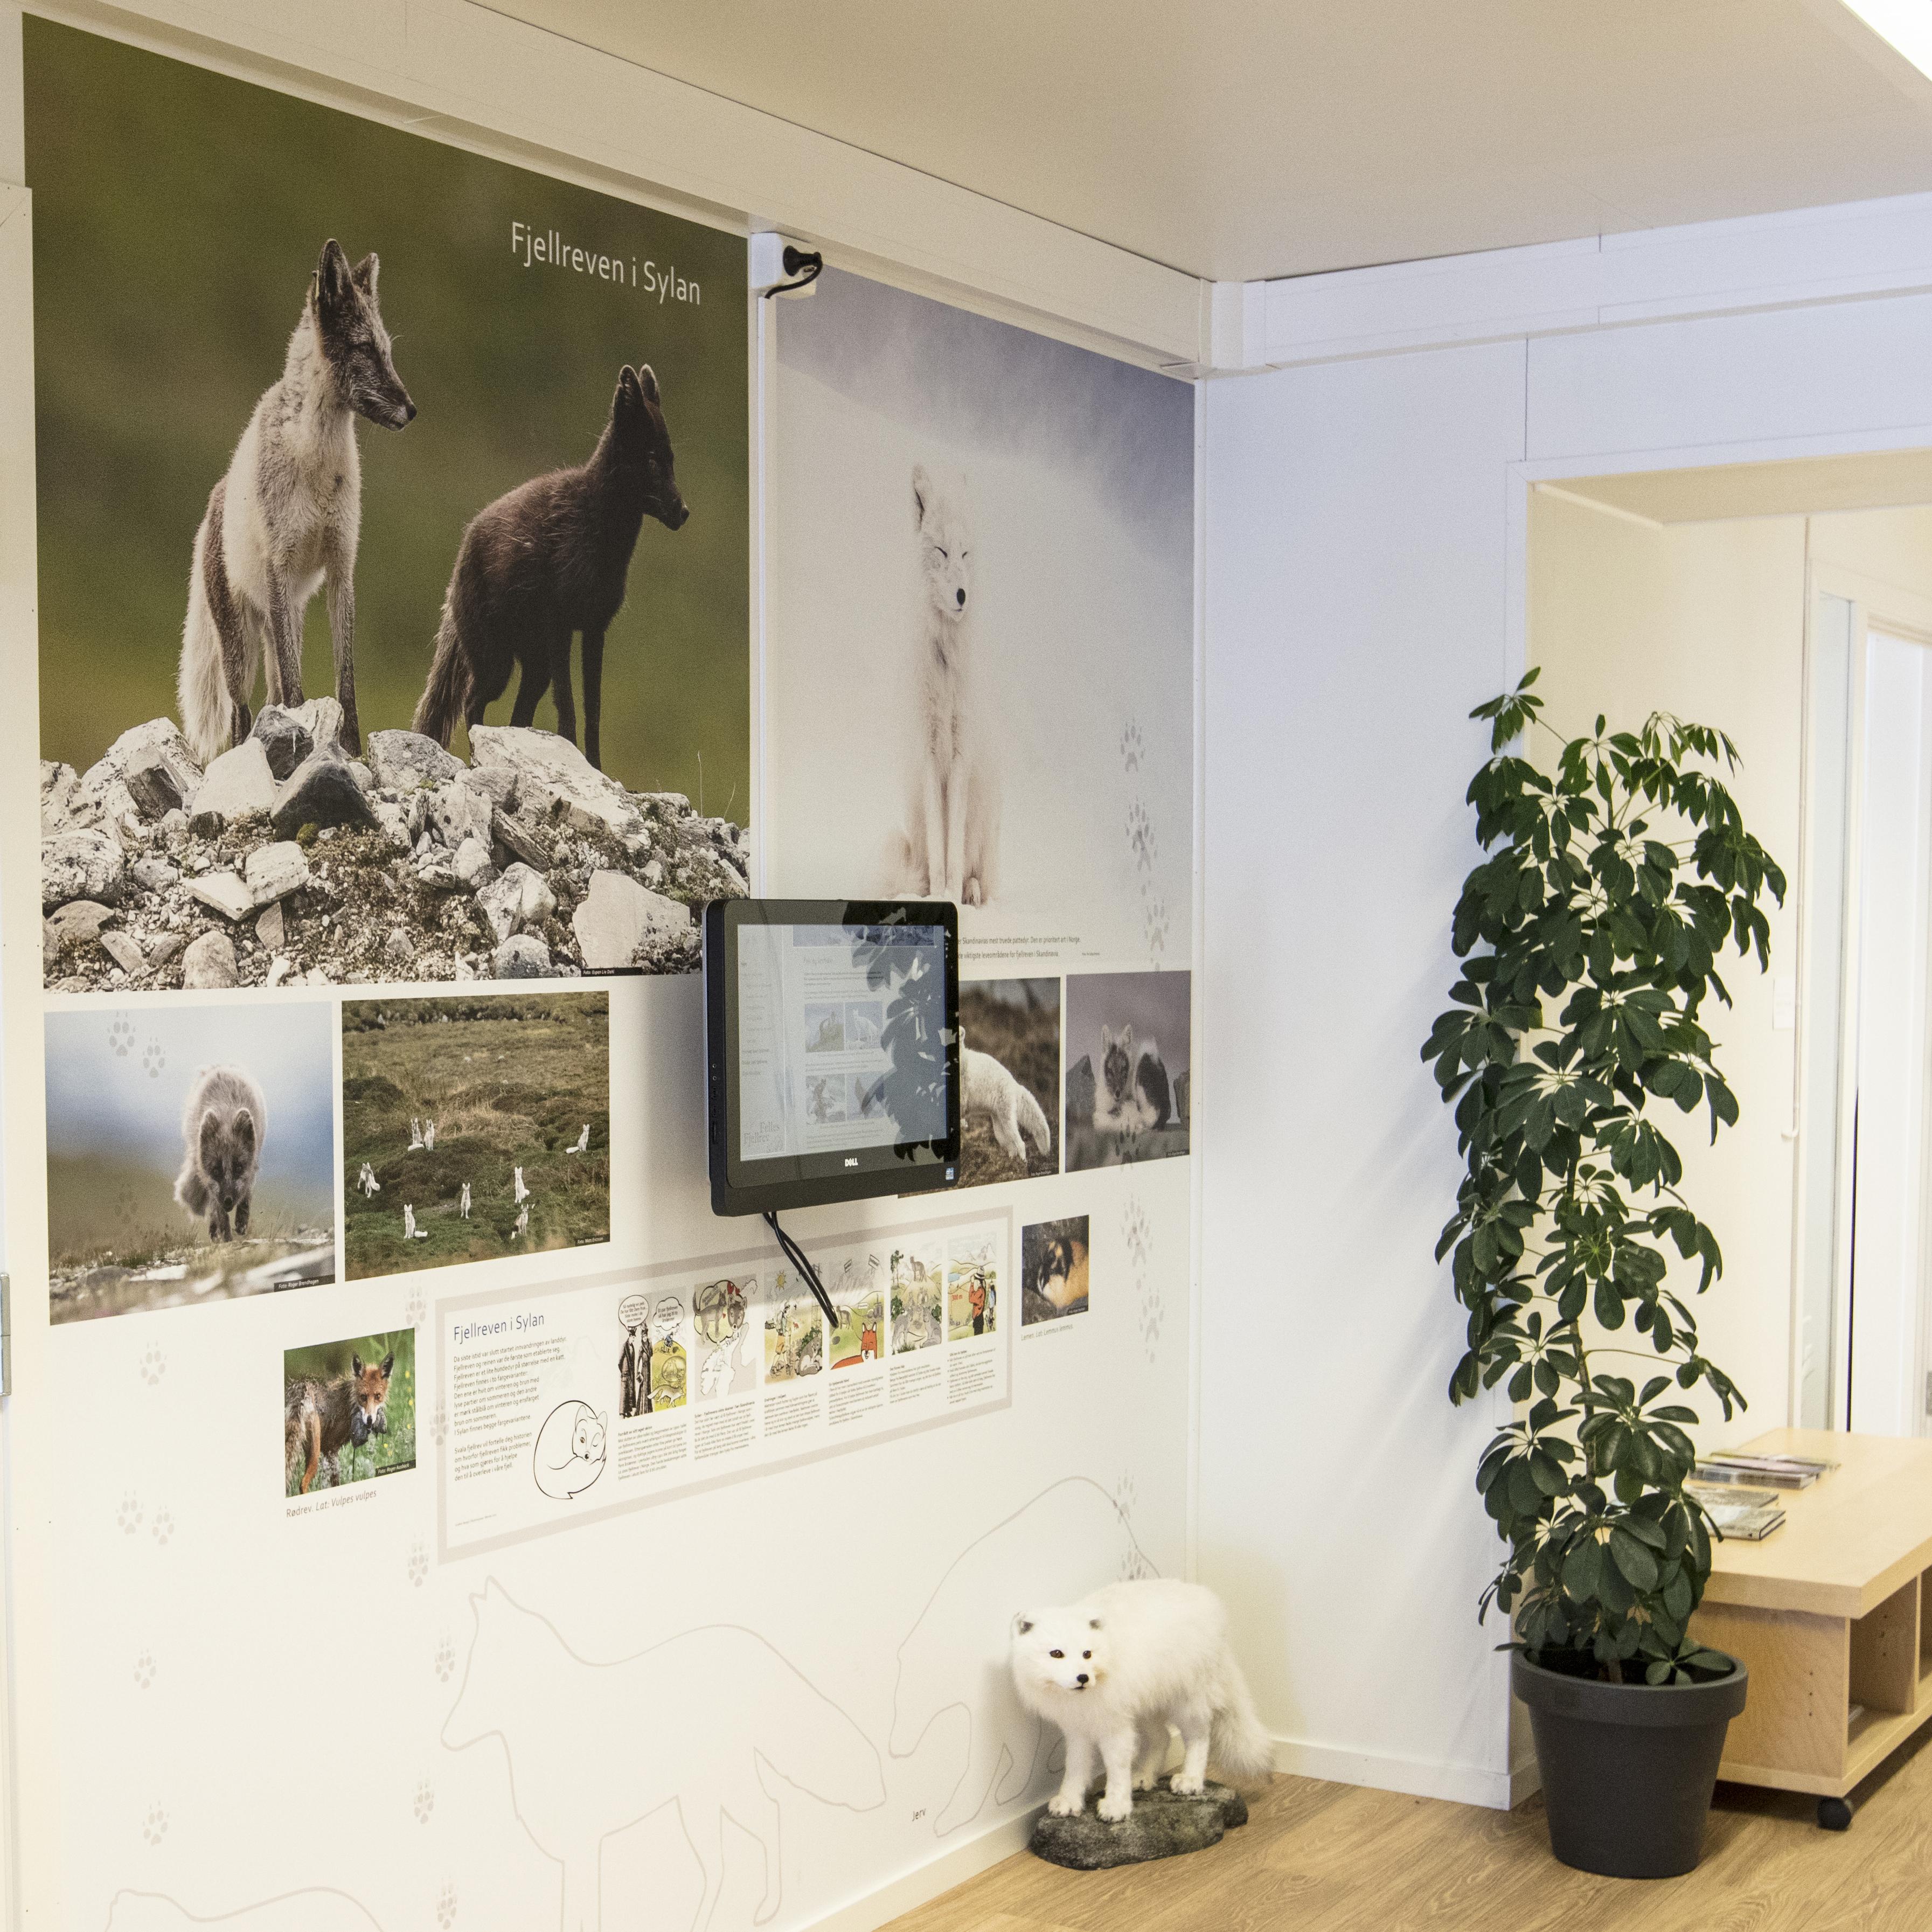 Bilder av fjellrev - utstilling